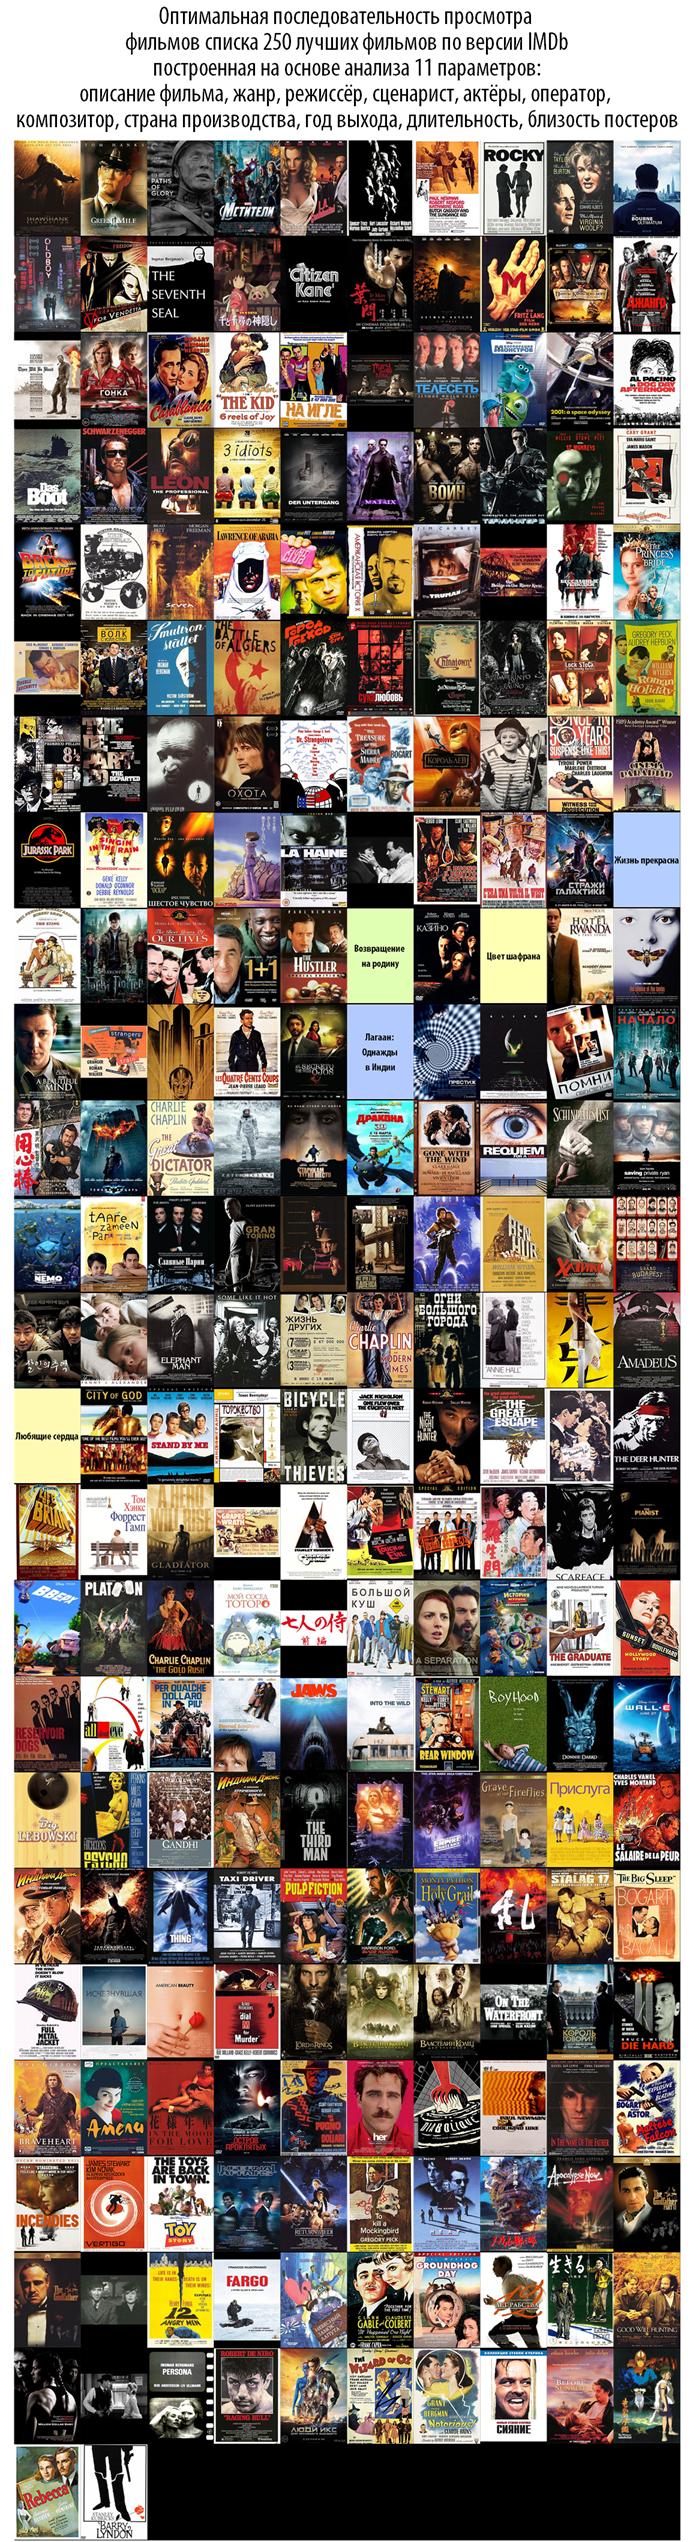 Топ 10 из списка 250 фильмов по версии IMDB. - Изображение 5